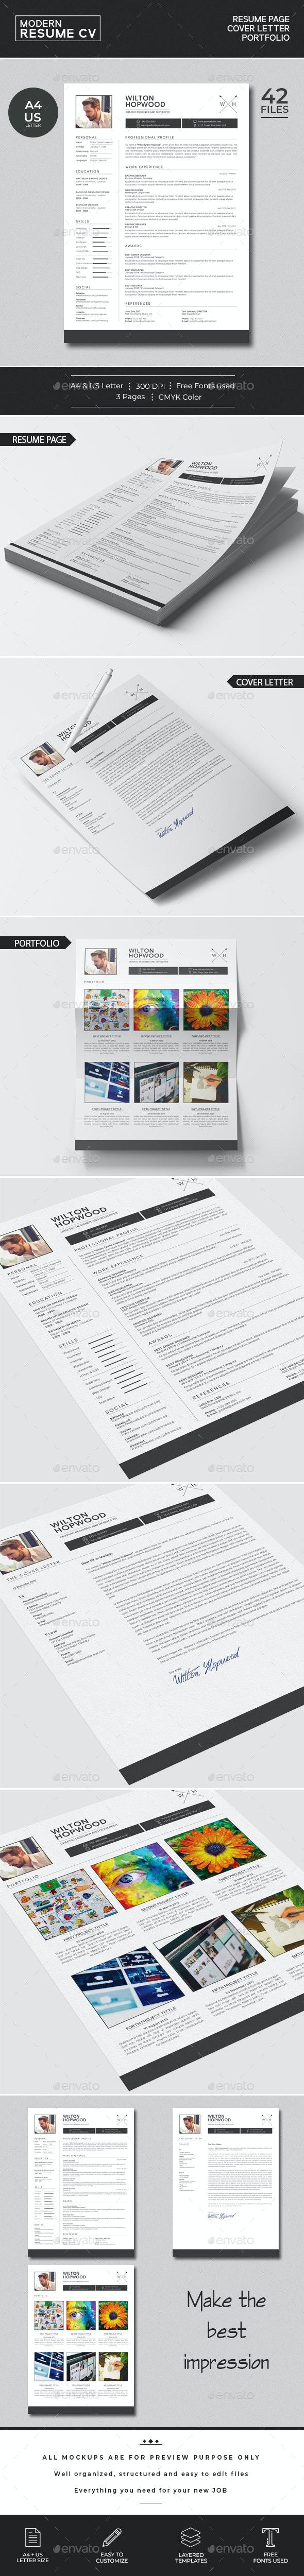 Modern Resume CV - Resumes Stationery